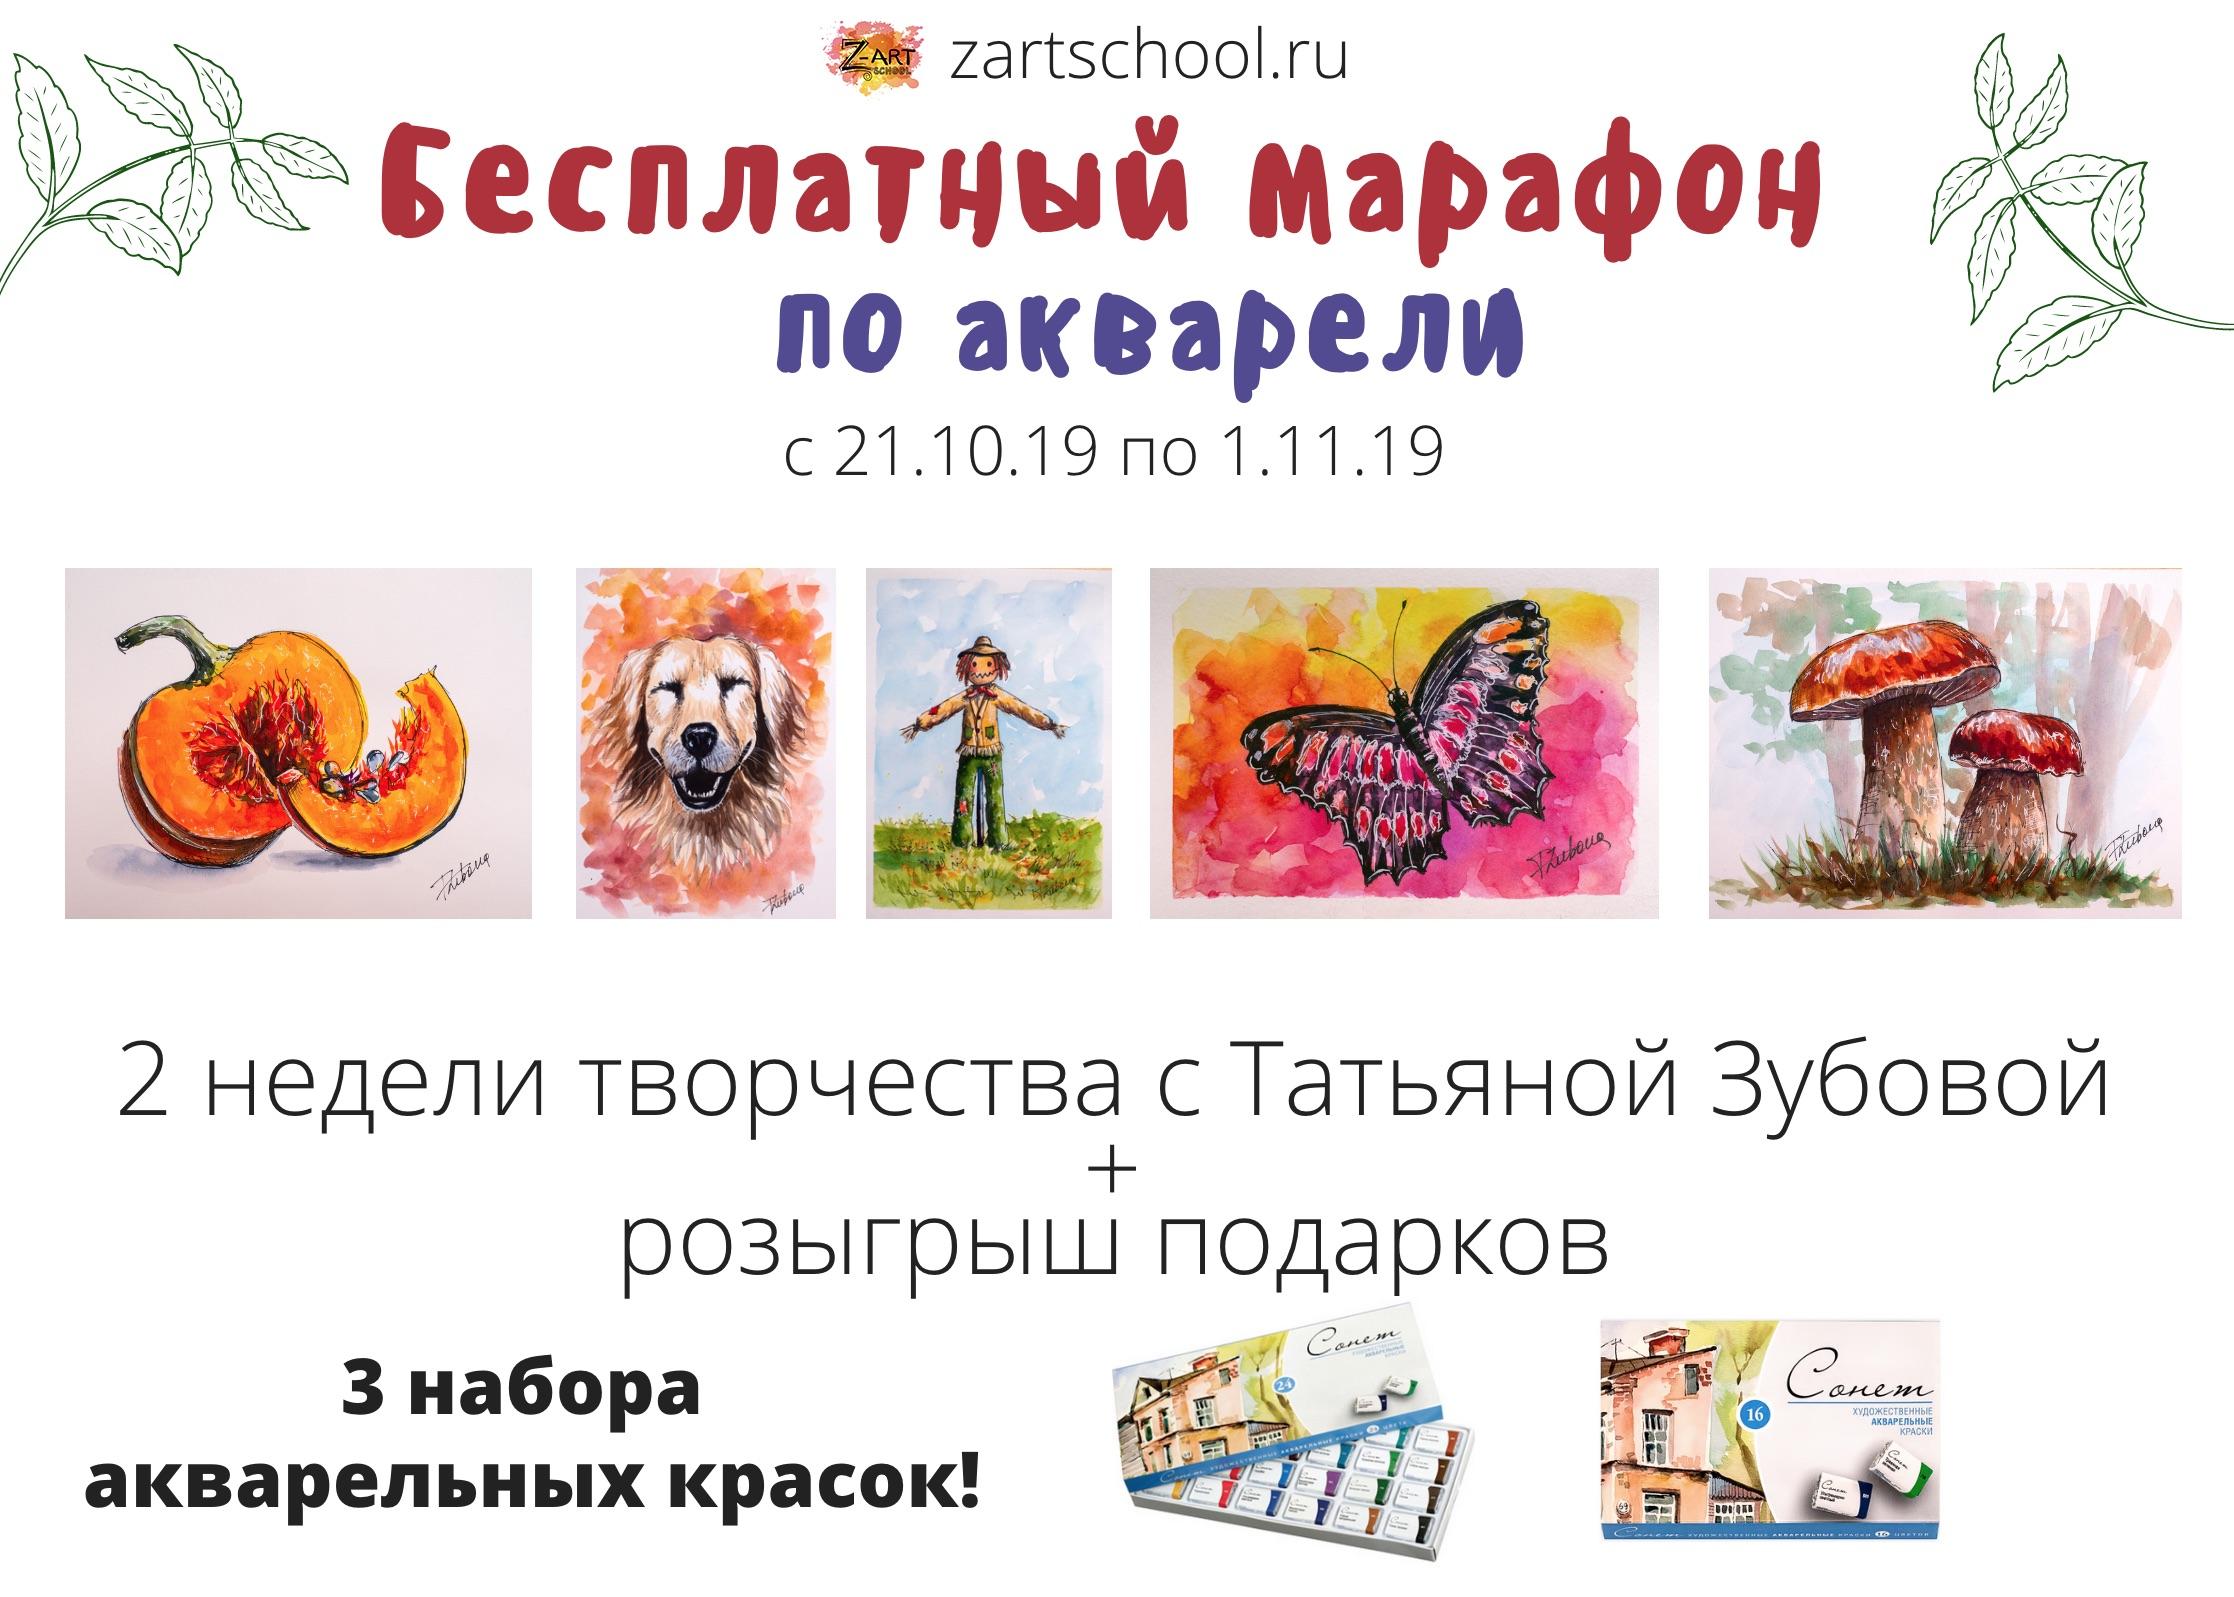 Zartschool - школа живописи Татьяны Зубовой